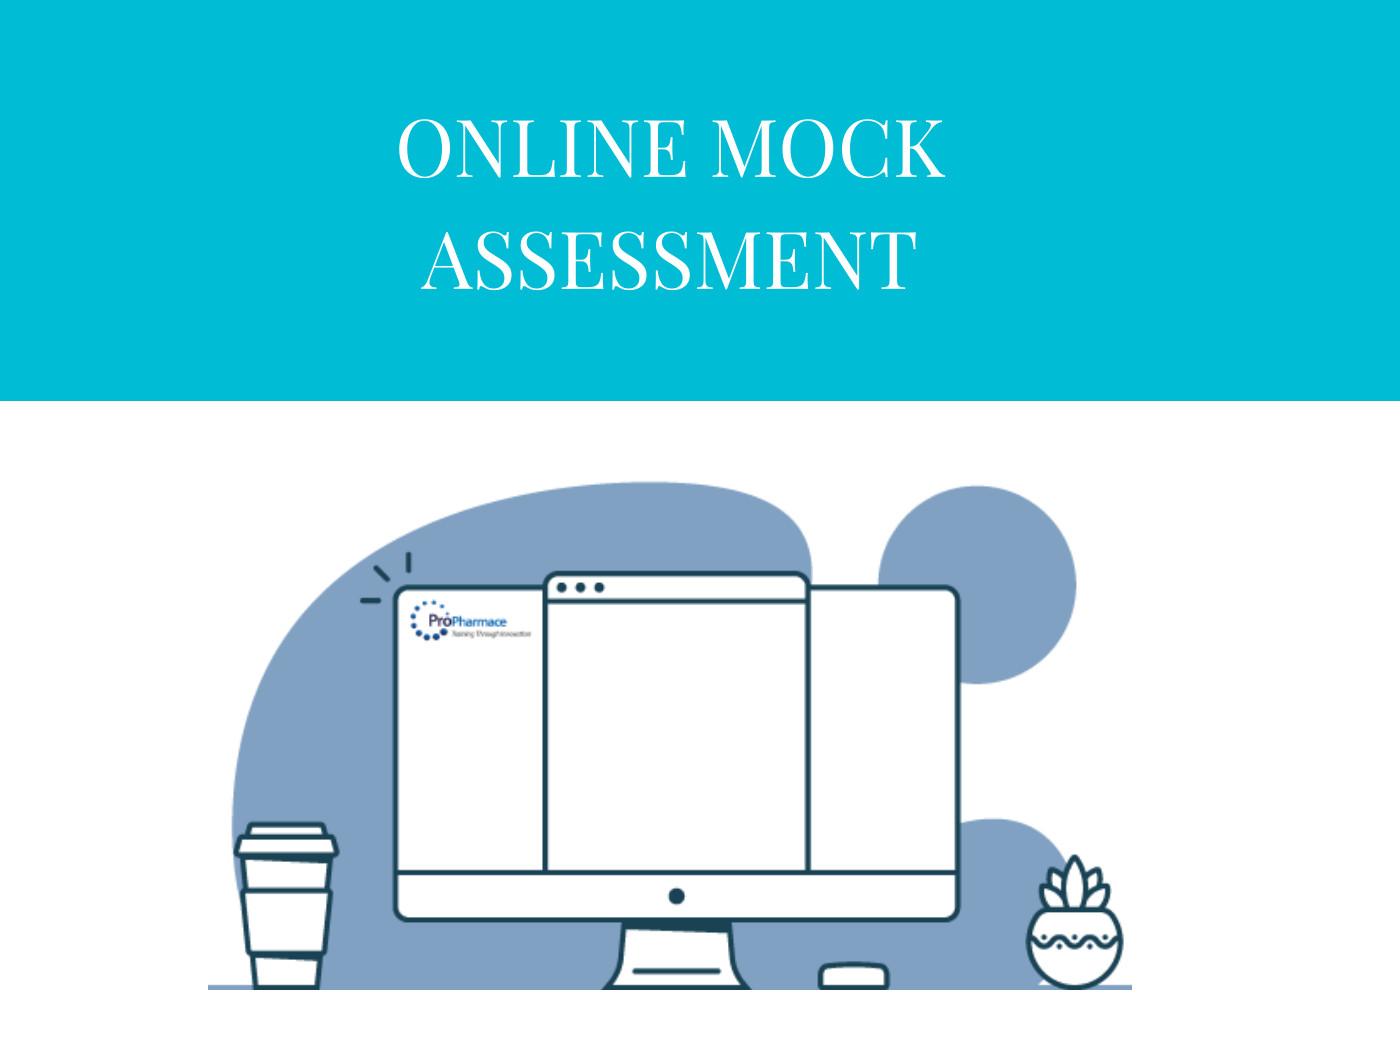 Online Mock Assessment